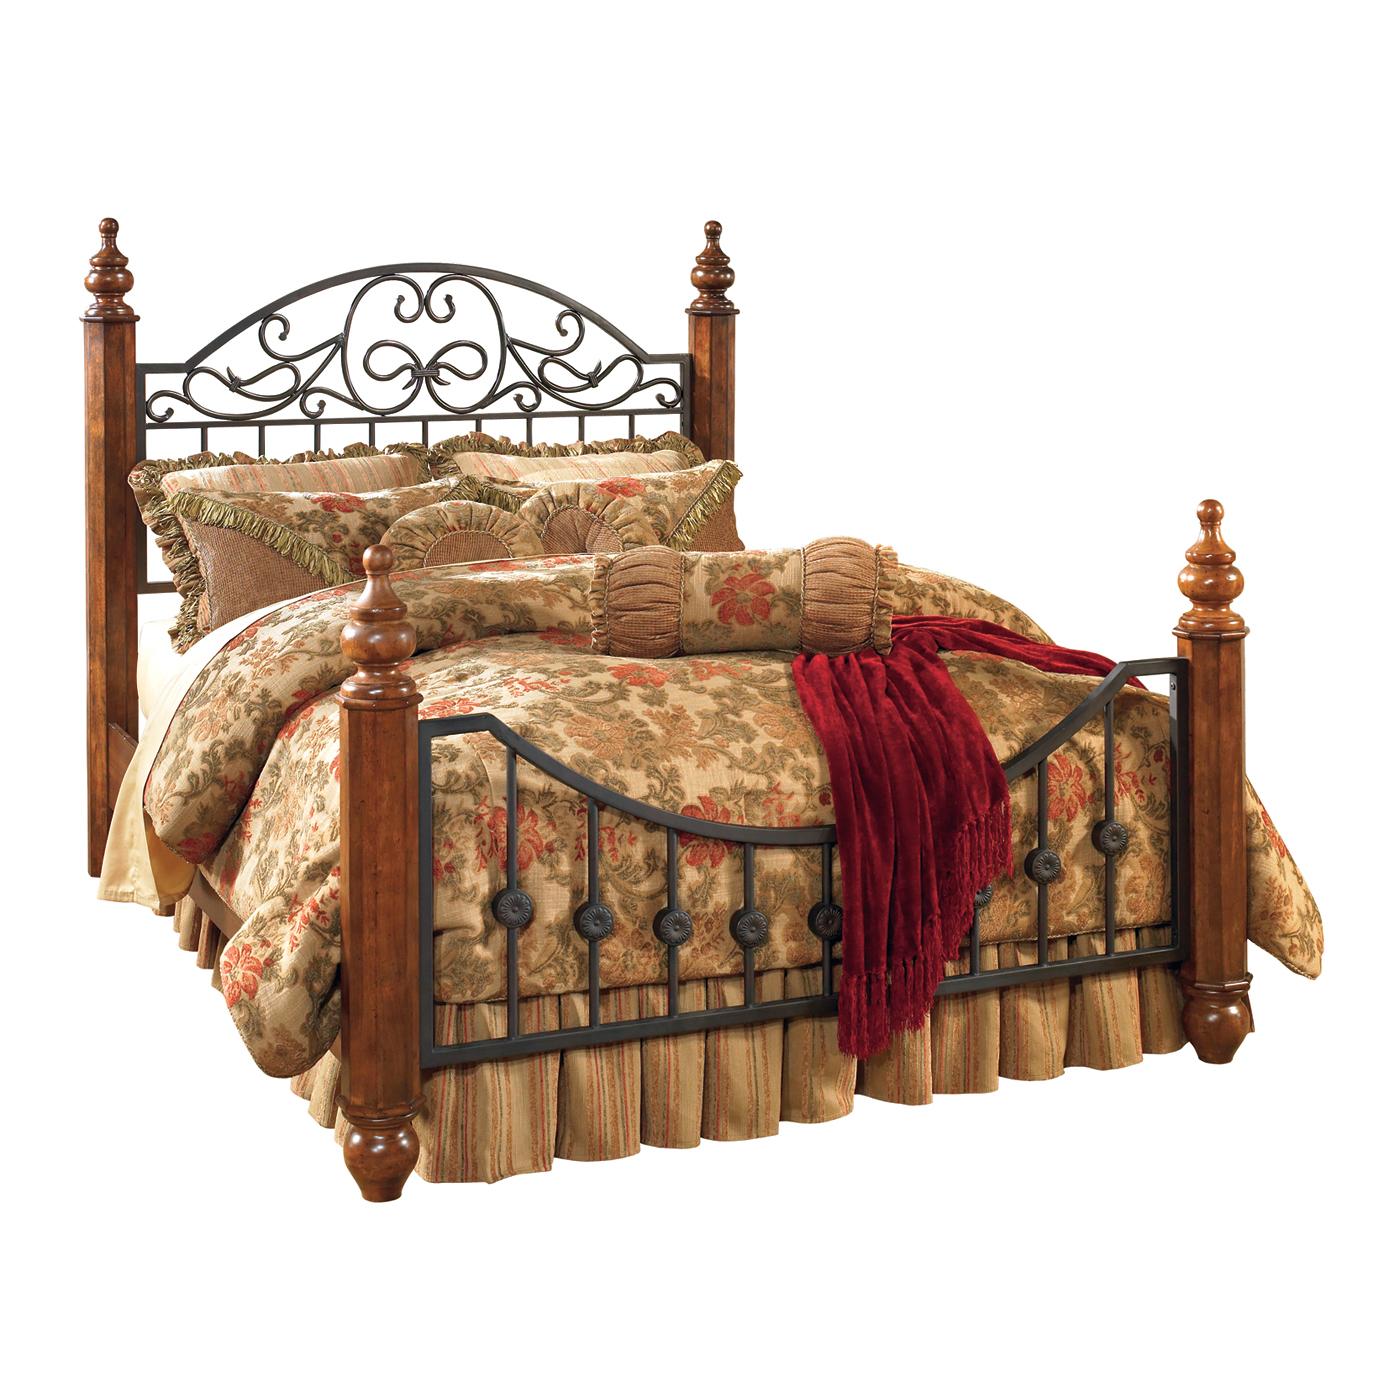 КроватьКованые и металлические кровати<br>Размер спального места: 160*200 см<br><br>Material: Металл<br>Width см: 205<br>Depth см: 165<br>Height см: 154